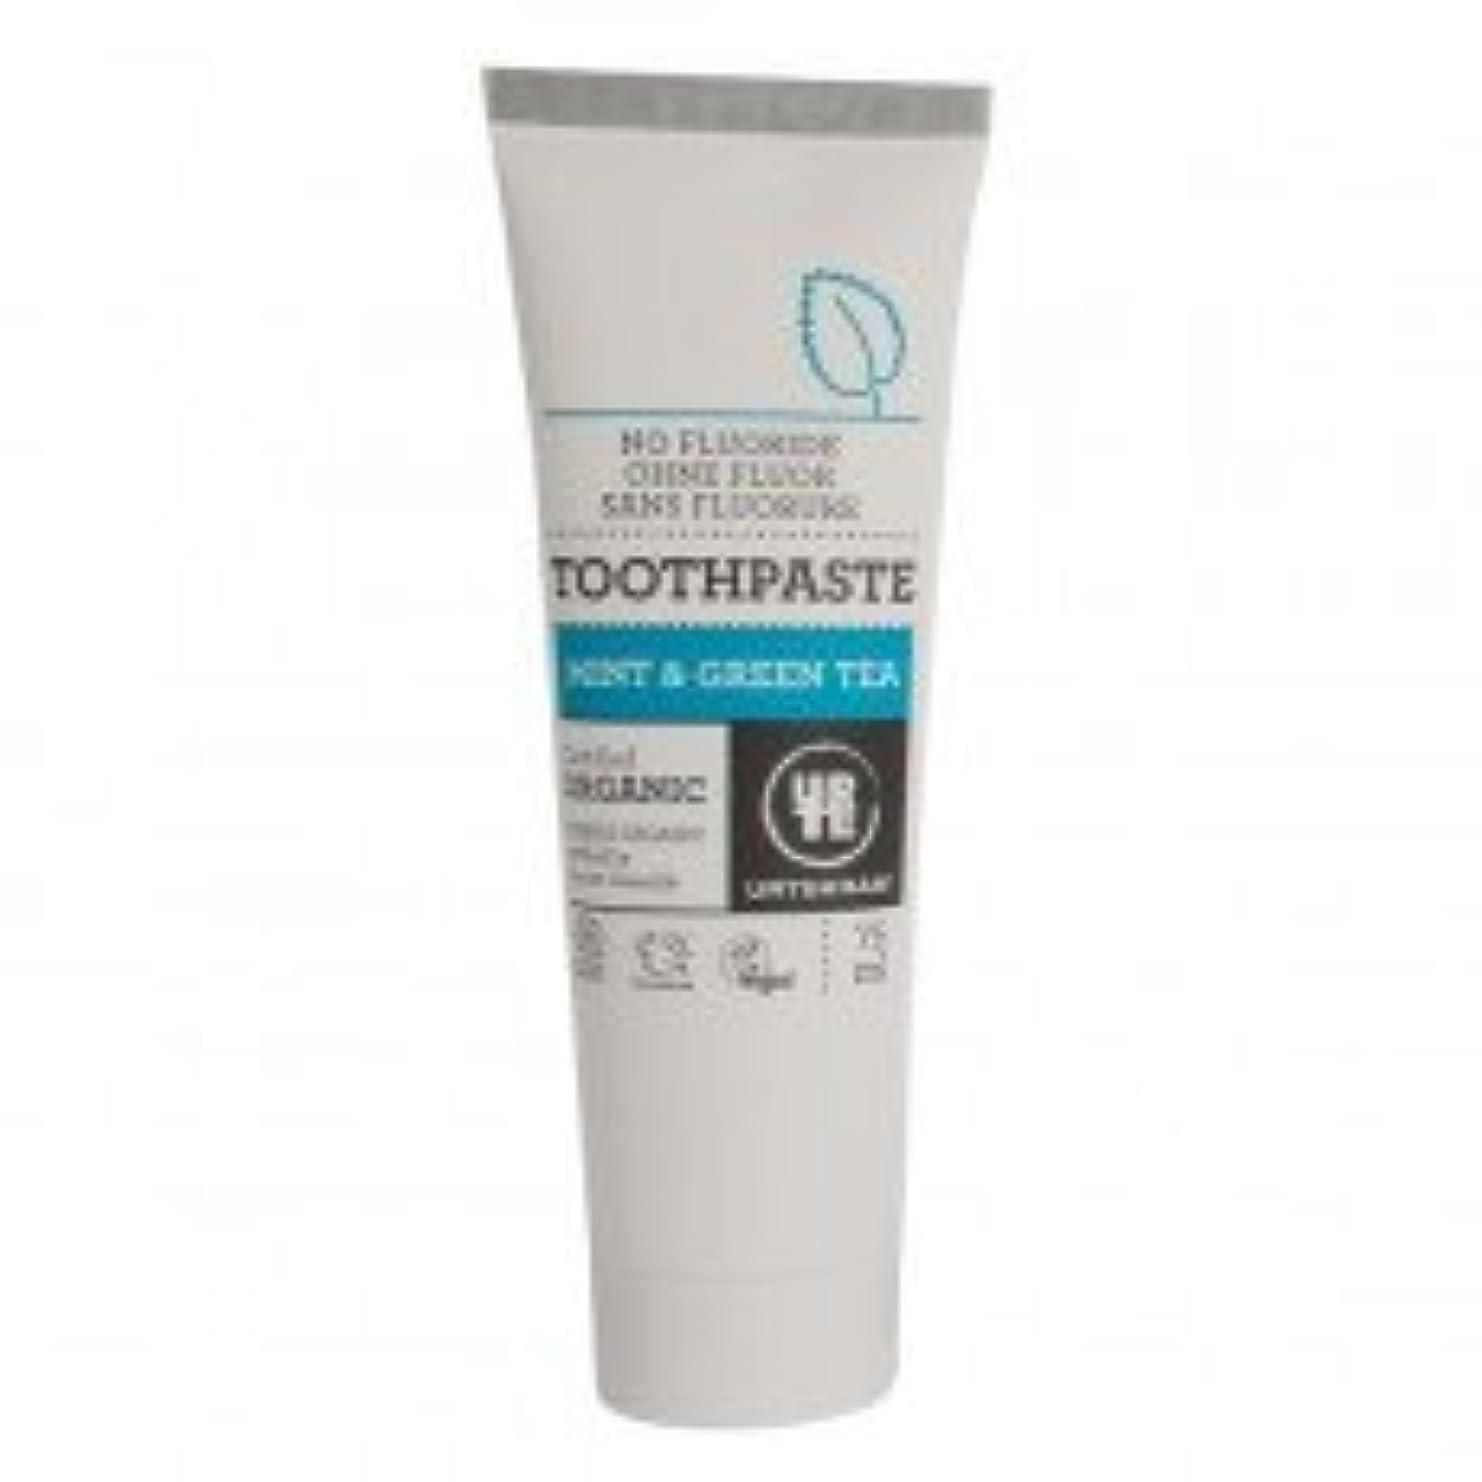 めるフクロウ酸化物ウルテクラムミント&グリーンティー歯磨き 3個セット